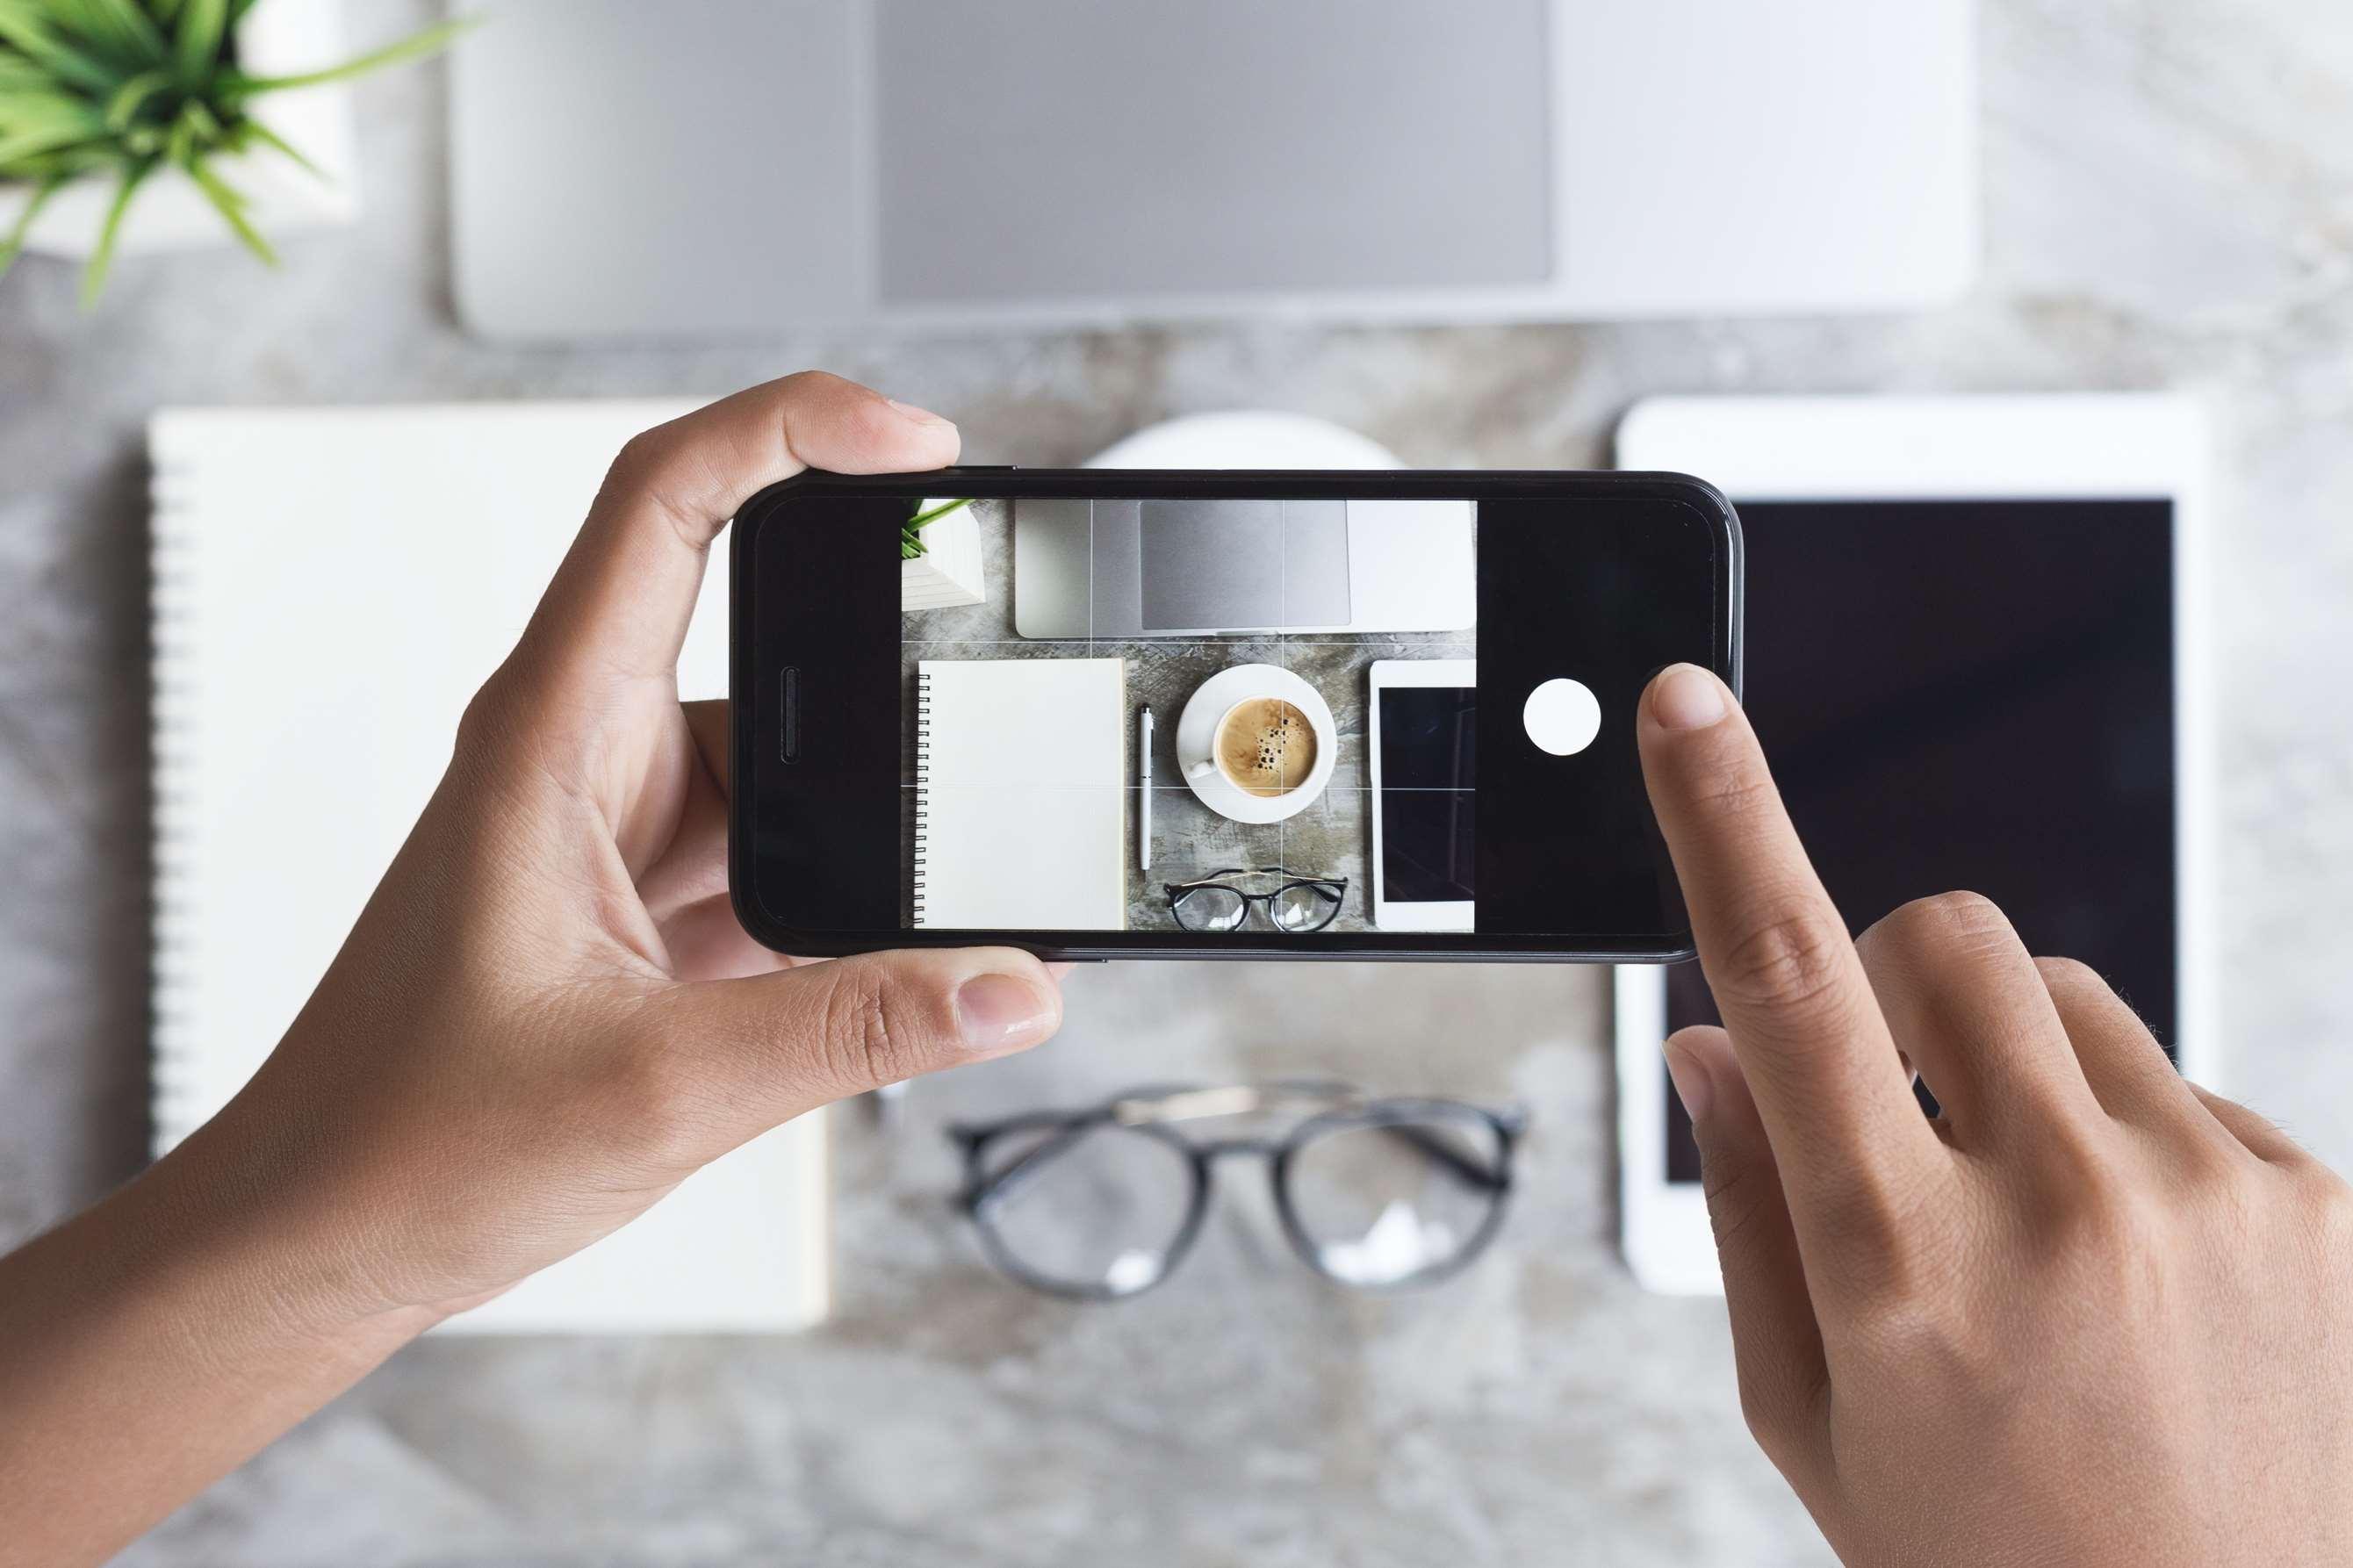 7 نکته و ترفند برای عکاسی بهتر در گوشی های اندرویدی